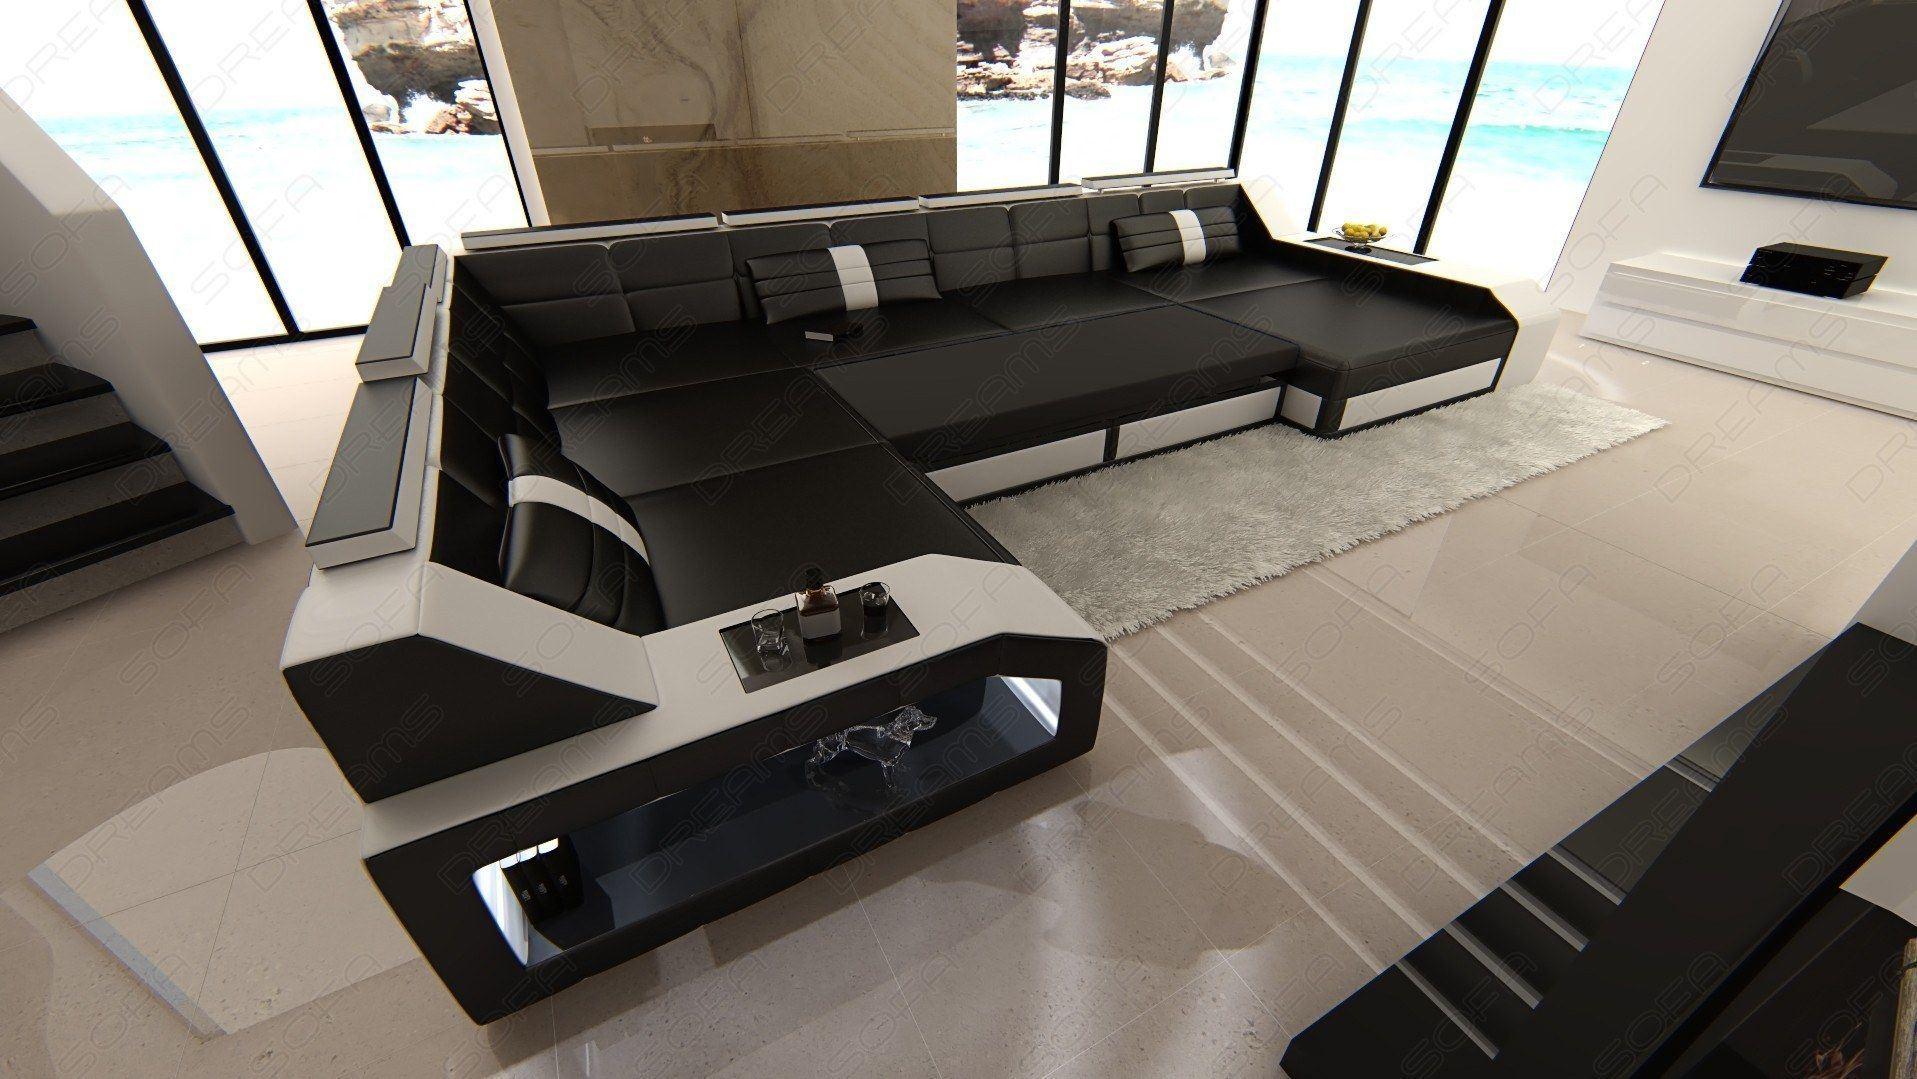 Full Size of 2 Sitzer Sofa Mit Schlaffunktion Ledersofas Sofadepot Küche Günstig Elektrogeräten Zweisitzer Kaufen Bett Breit Led Schlafzimmer Set Matratze Und Lattenrost Sofa 2 Sitzer Sofa Mit Schlaffunktion